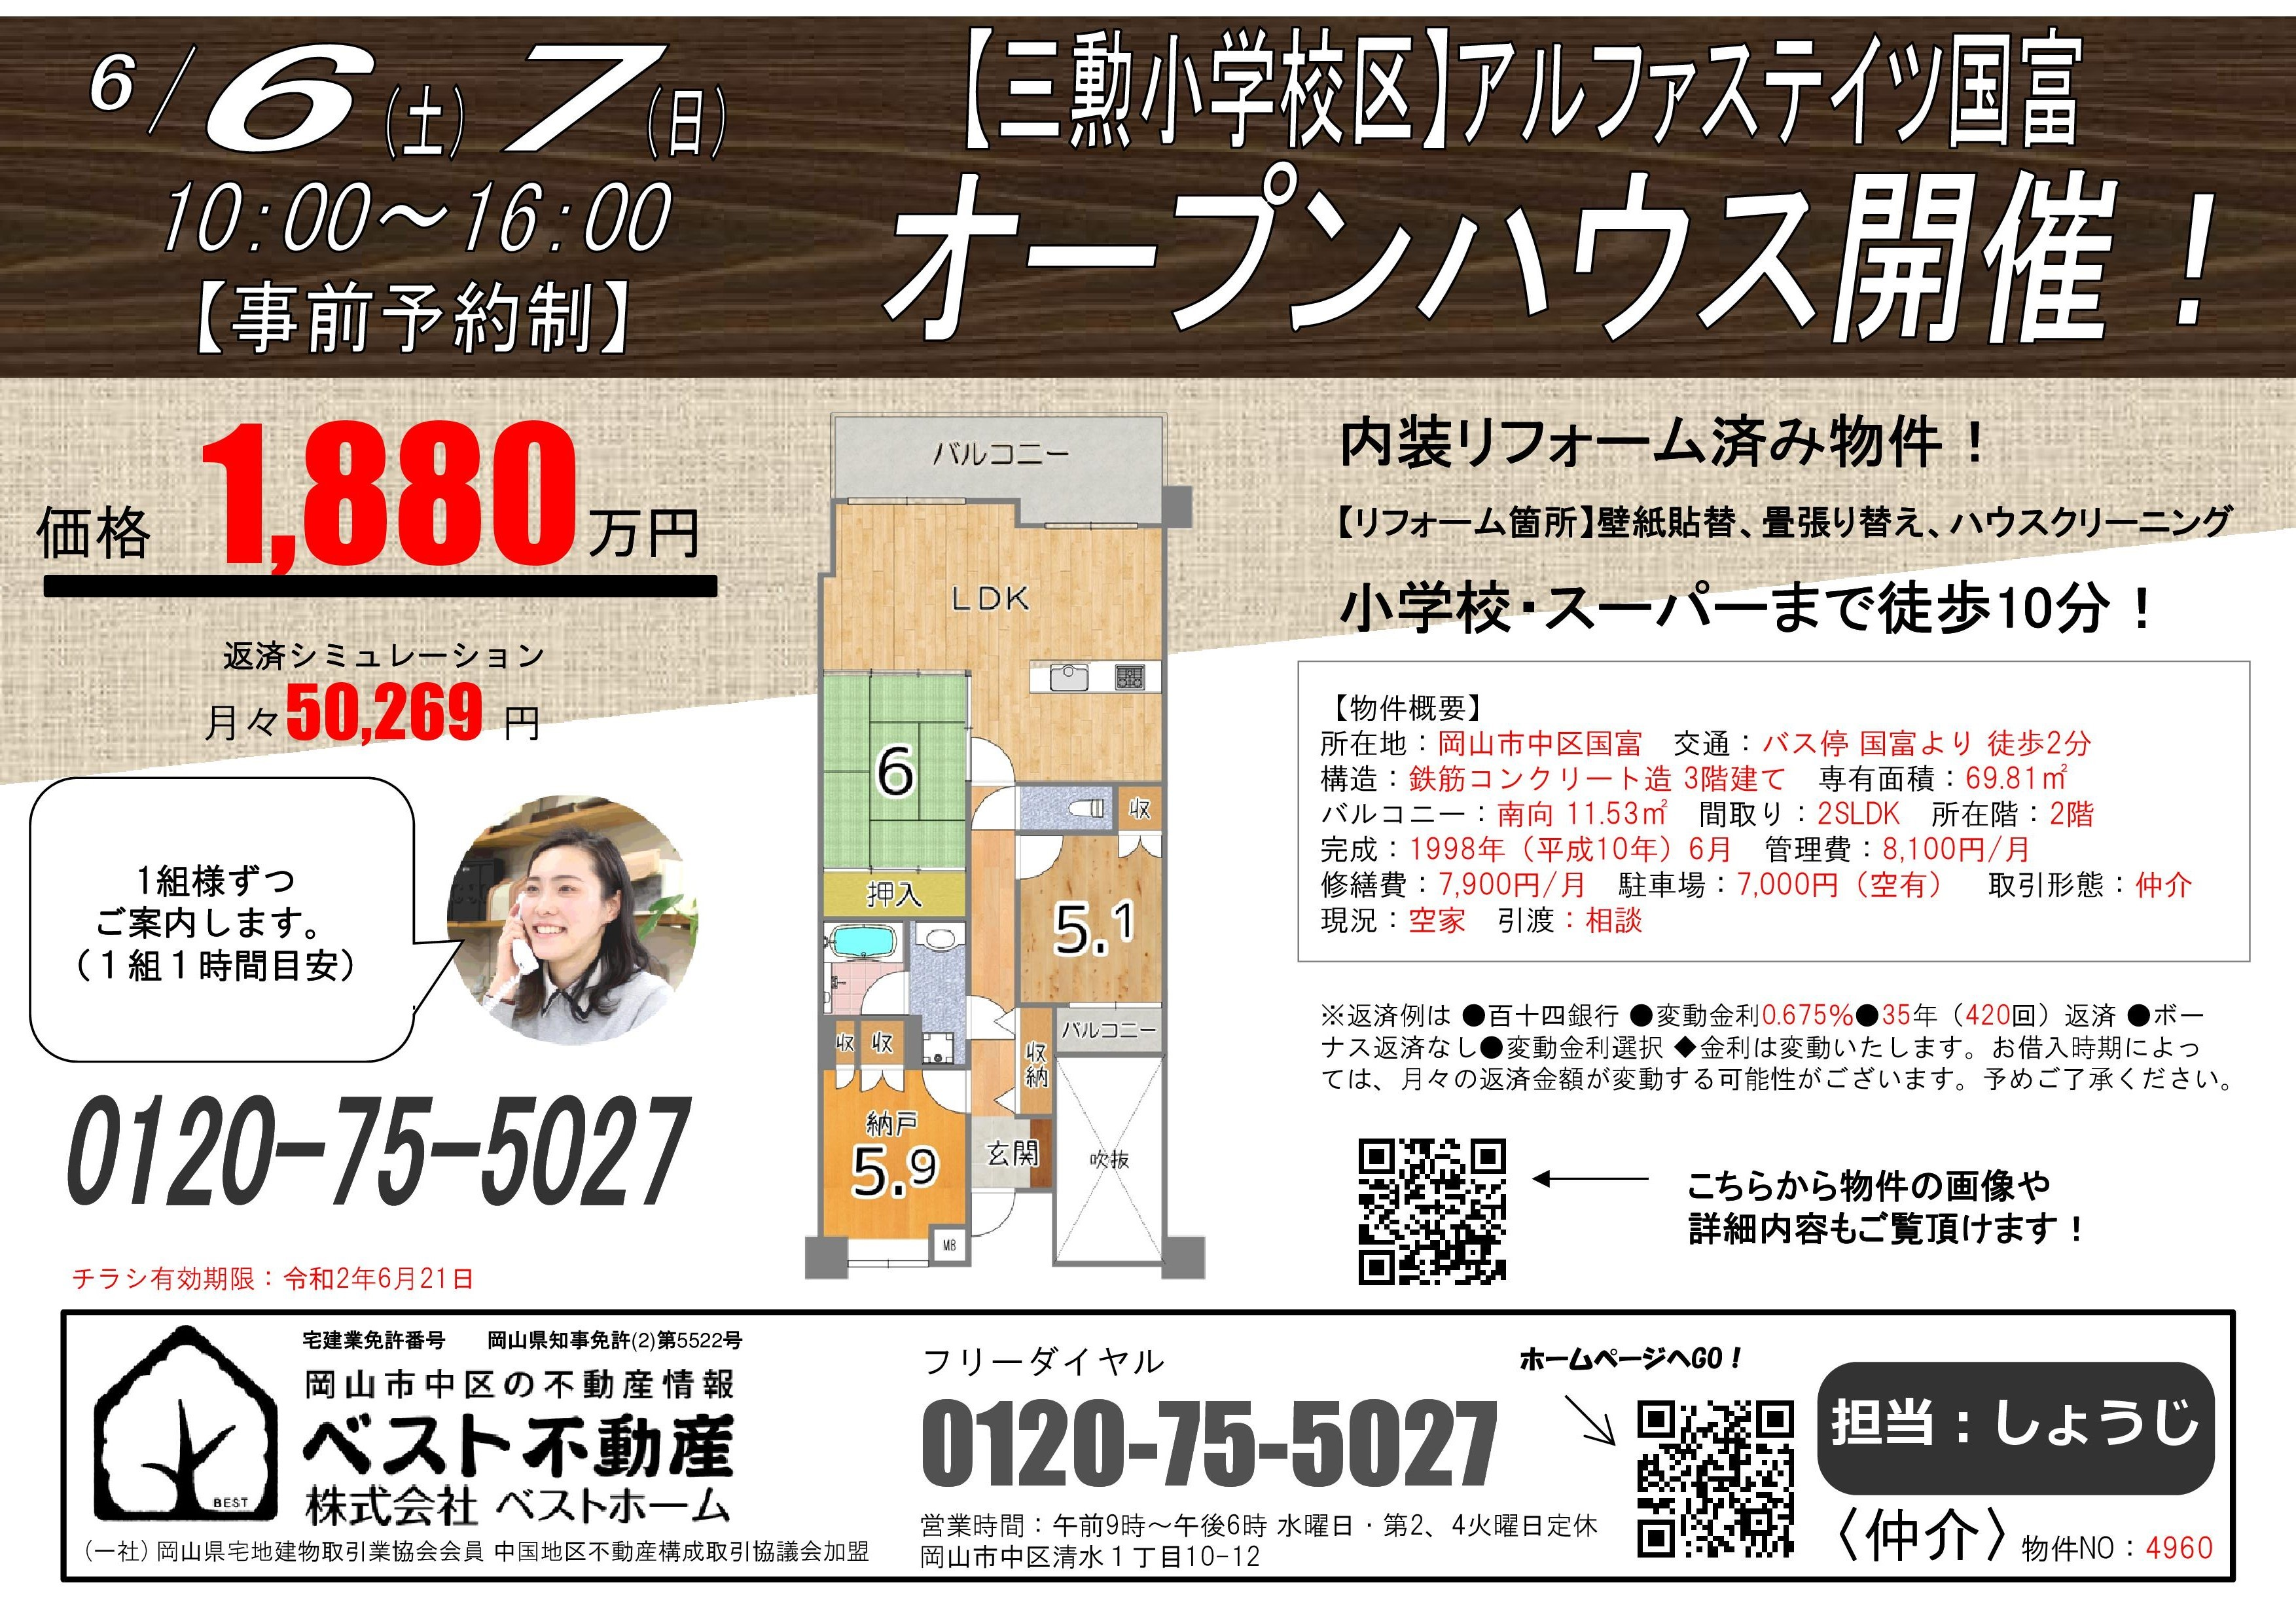 【OH】アルファステイツ国富-001